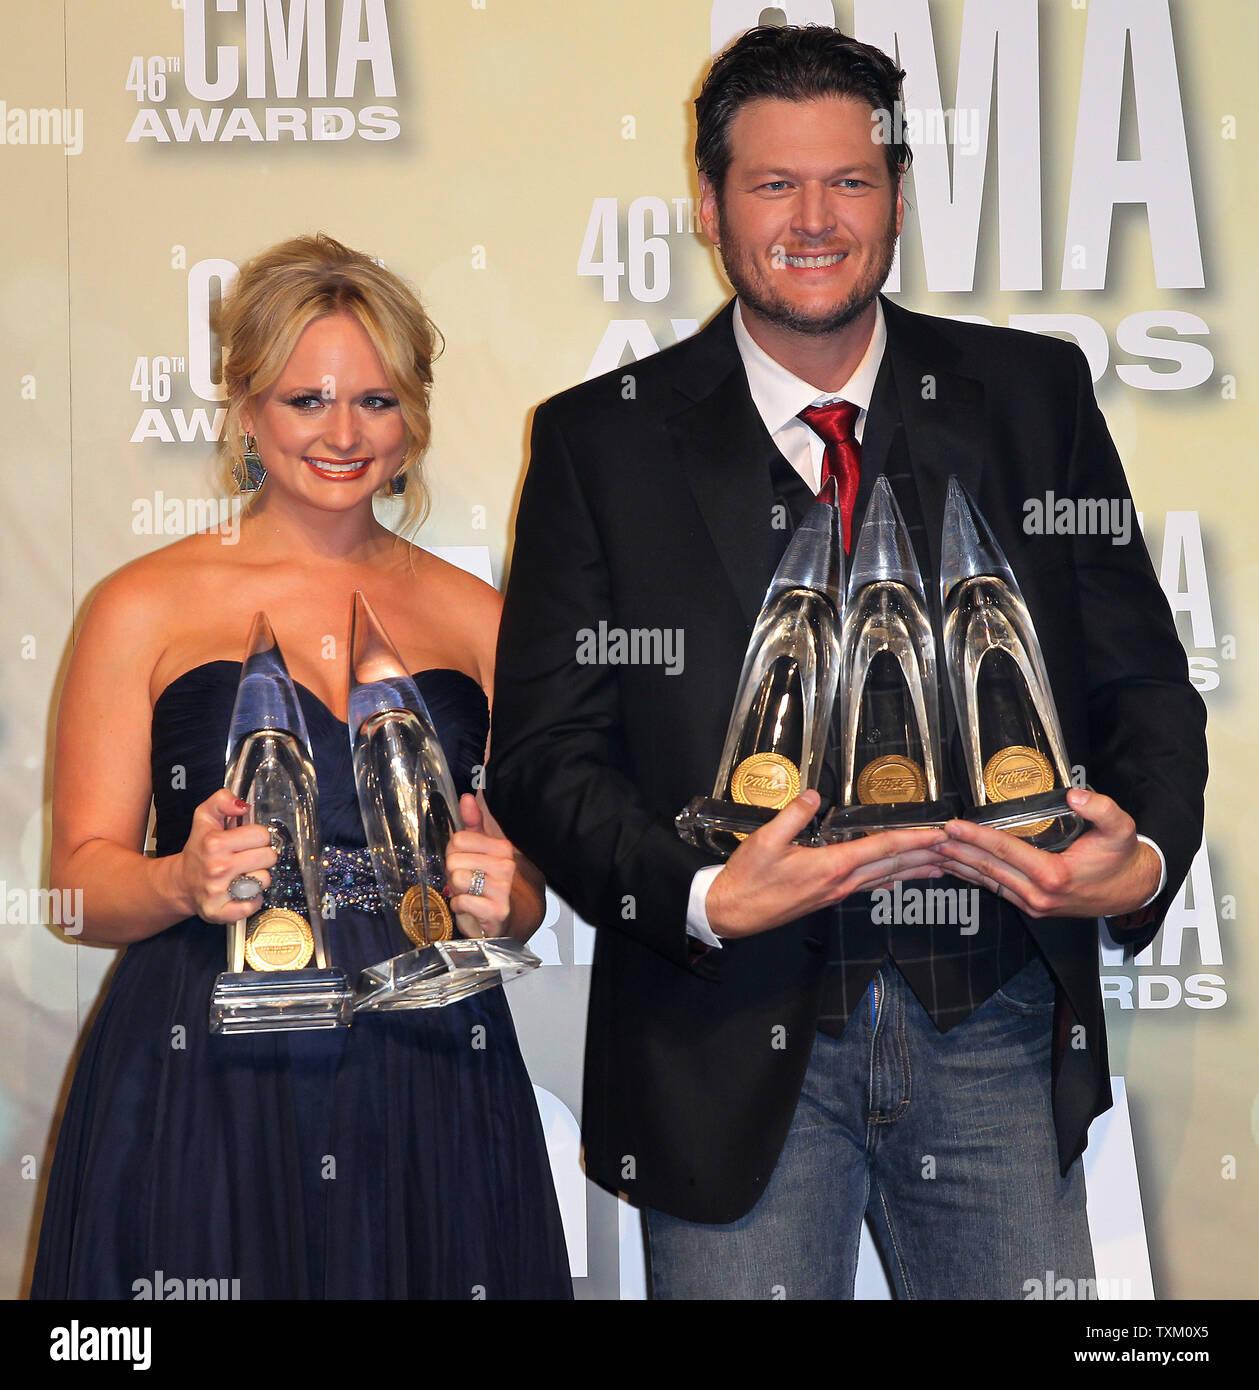 Miranda Lambert, winner of Female Vocalist of the Year and